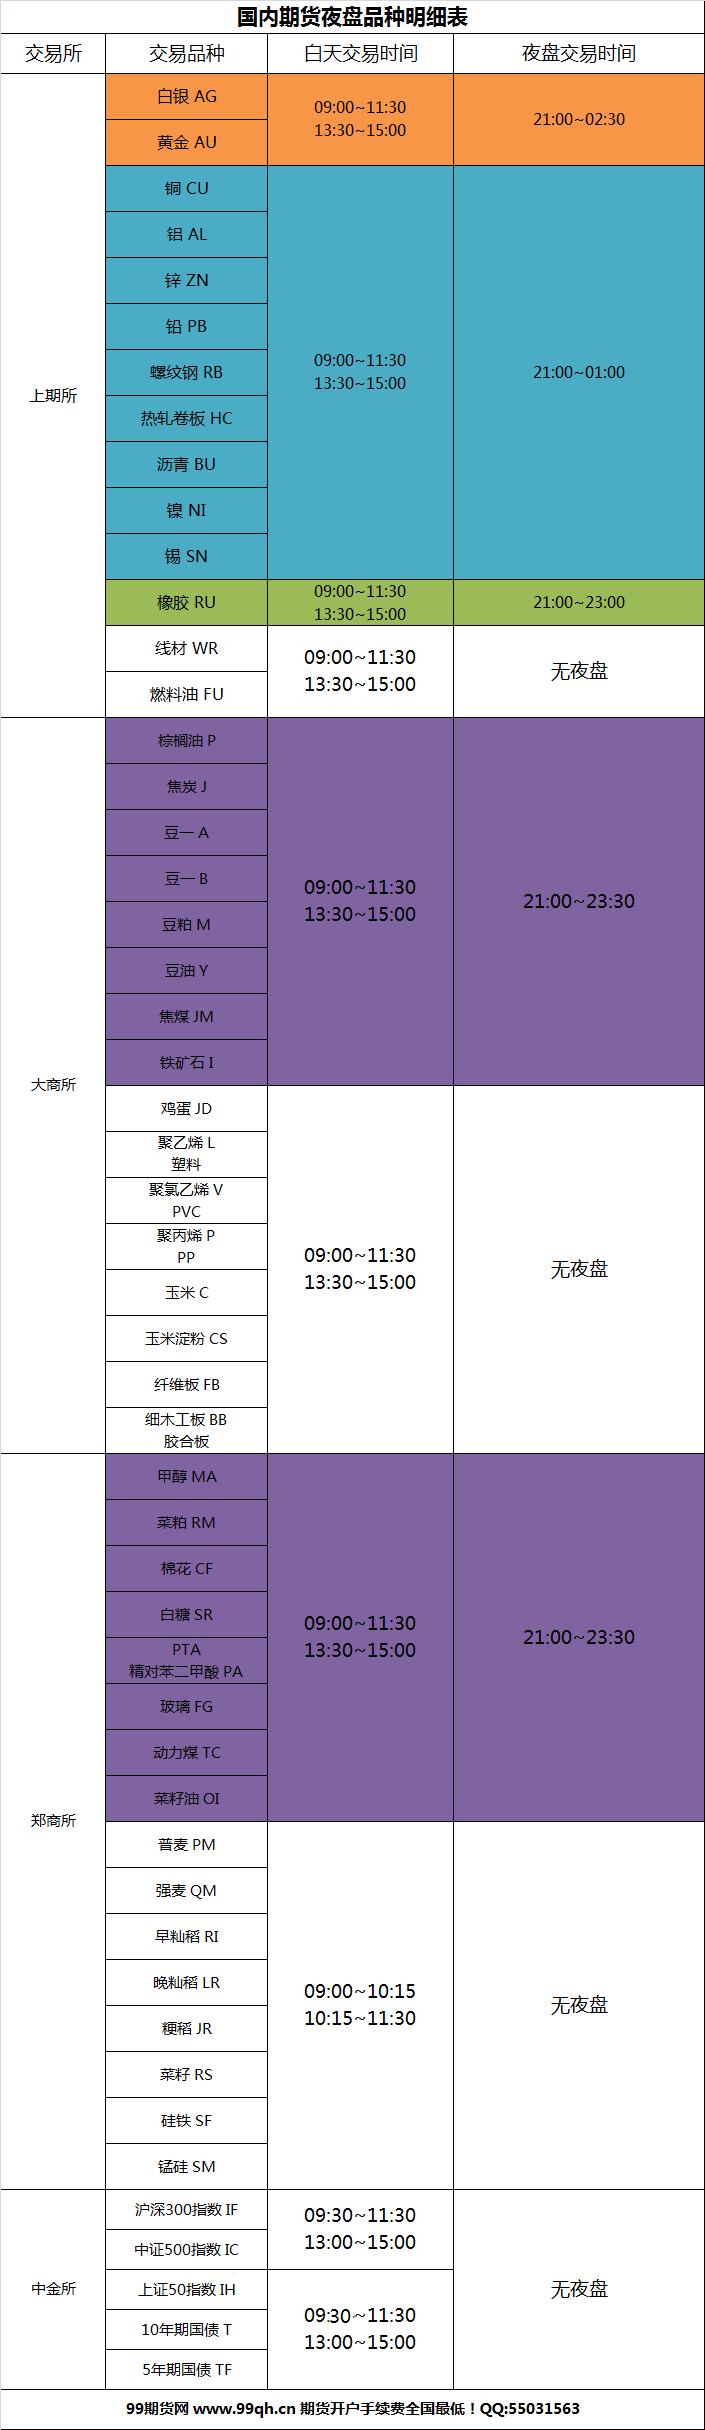 夜盘时间表.png